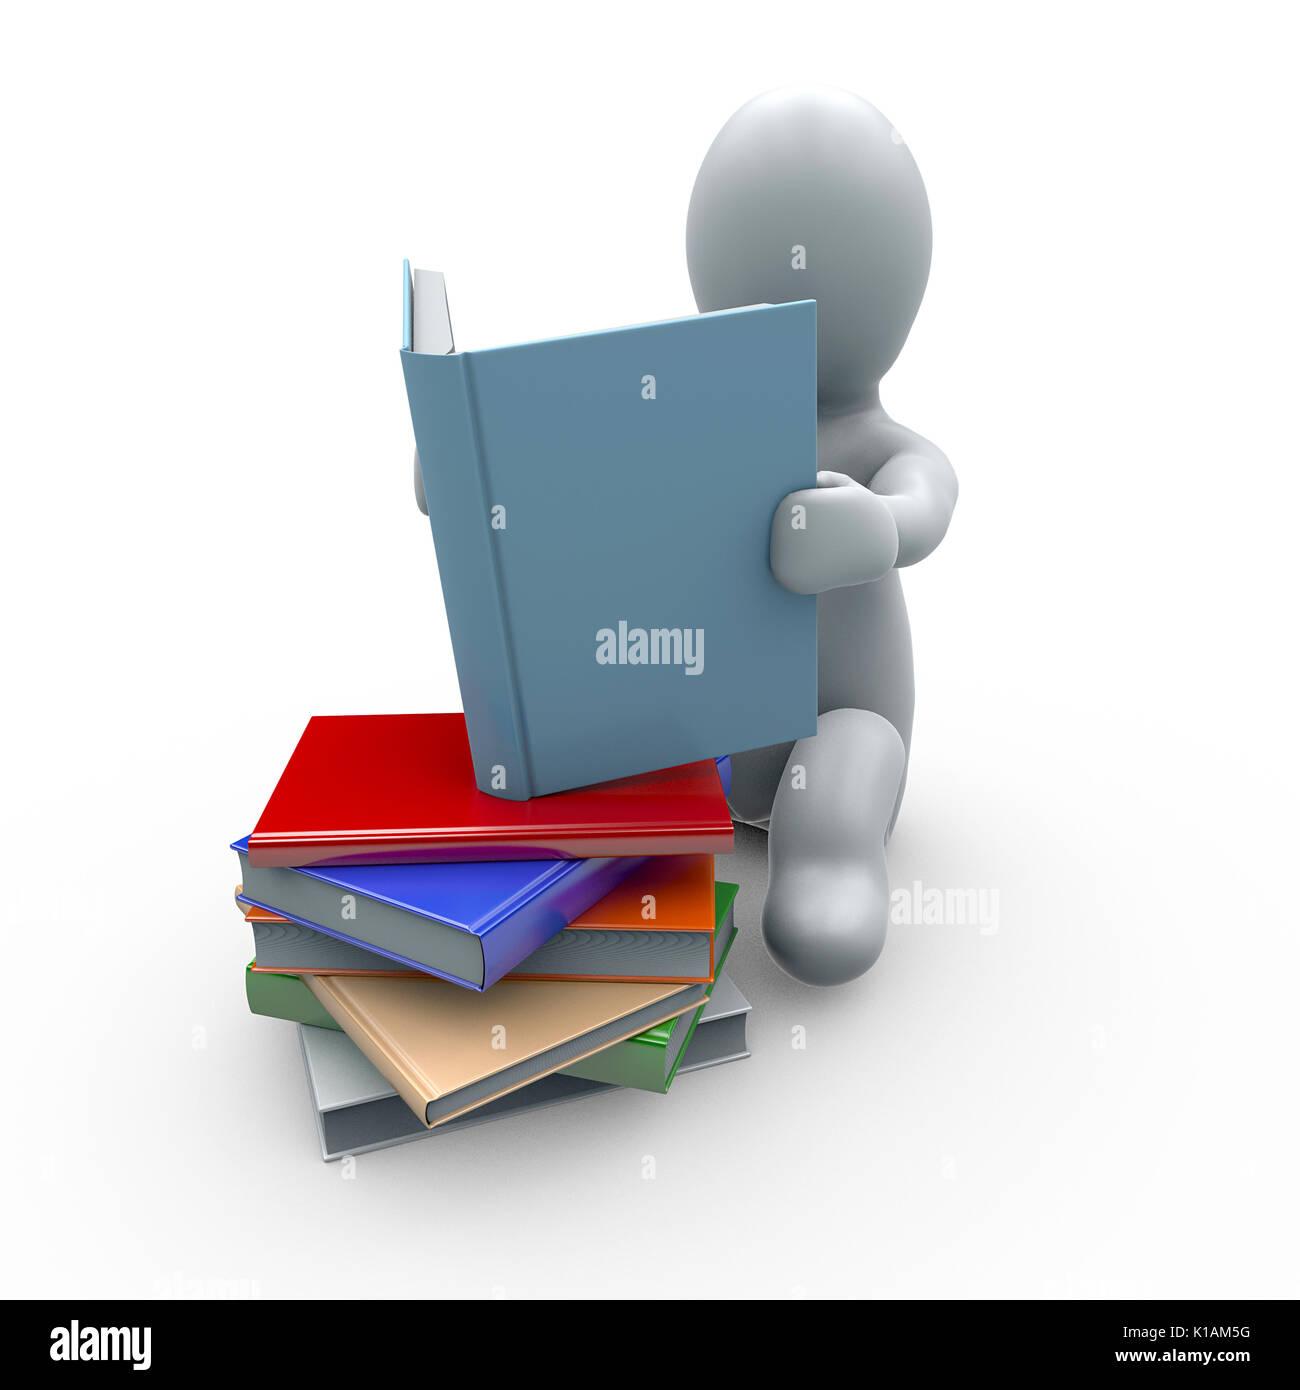 Weiße Puppe Mit Buch In Der Hand Und Einem Bücherregal Im